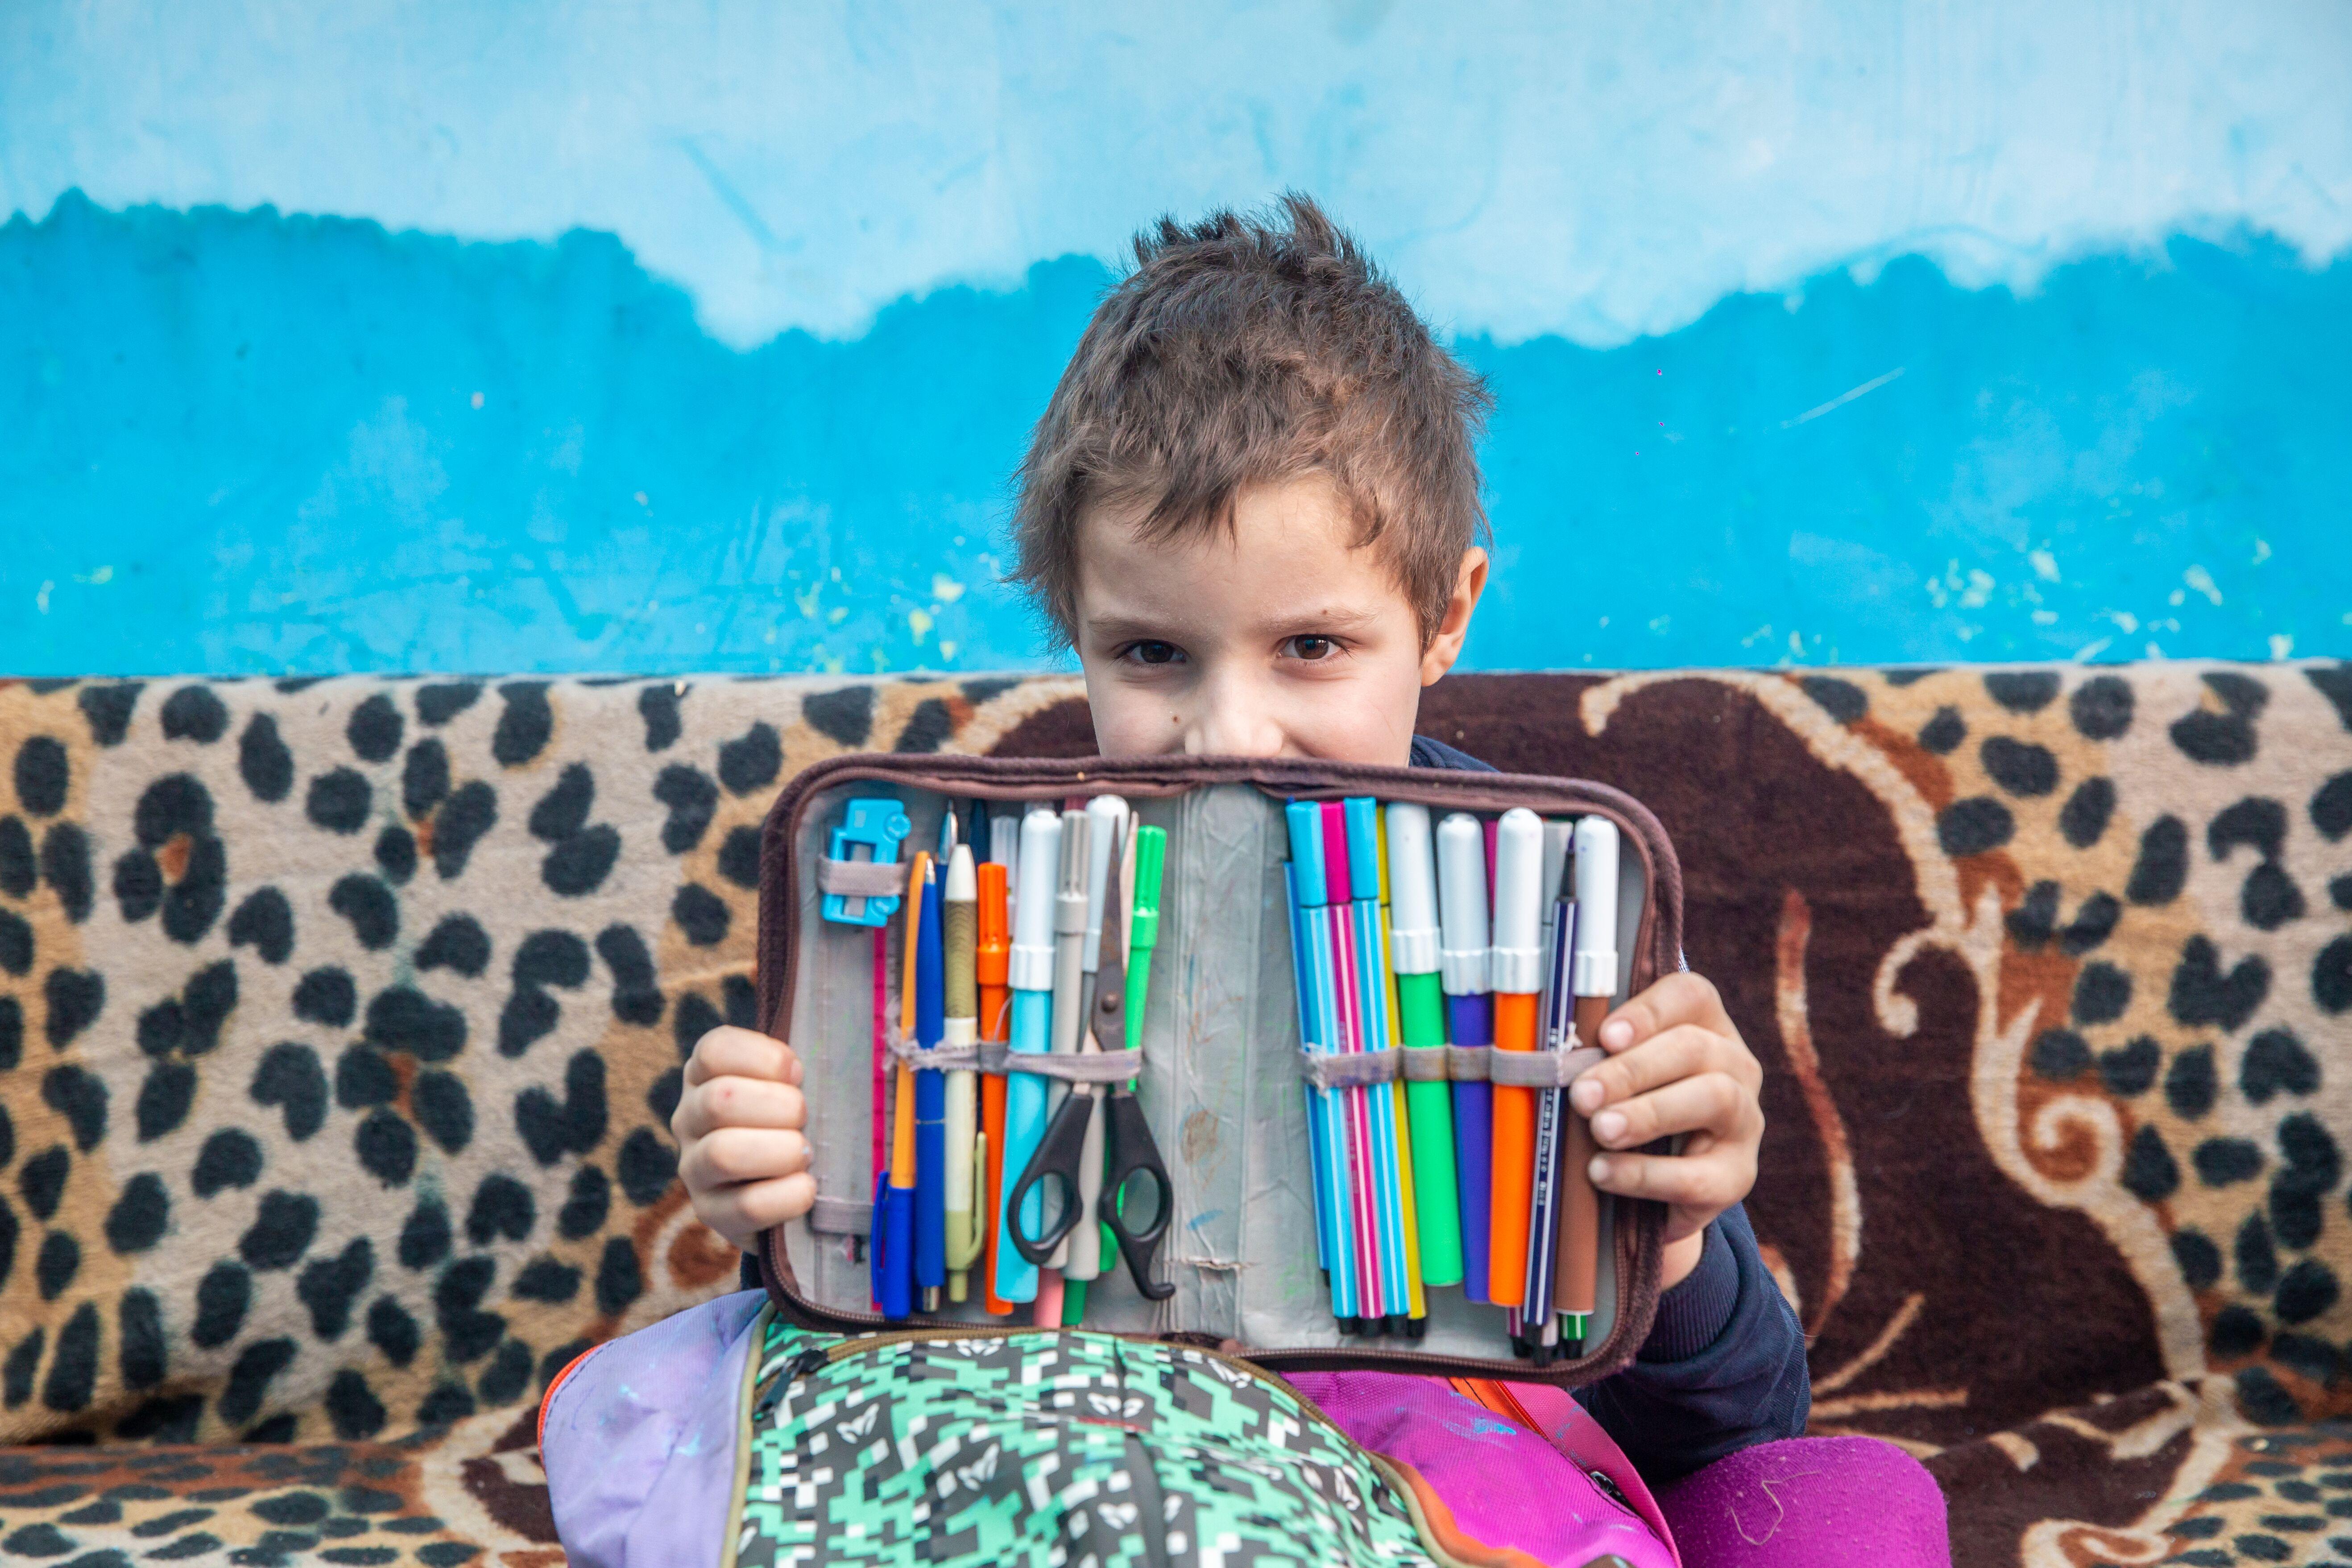 110 copii vor primi sprijin pentru a avea acces la educație prin parteneriatul strategic dintre PEPCO România și Hope and Homes for Children